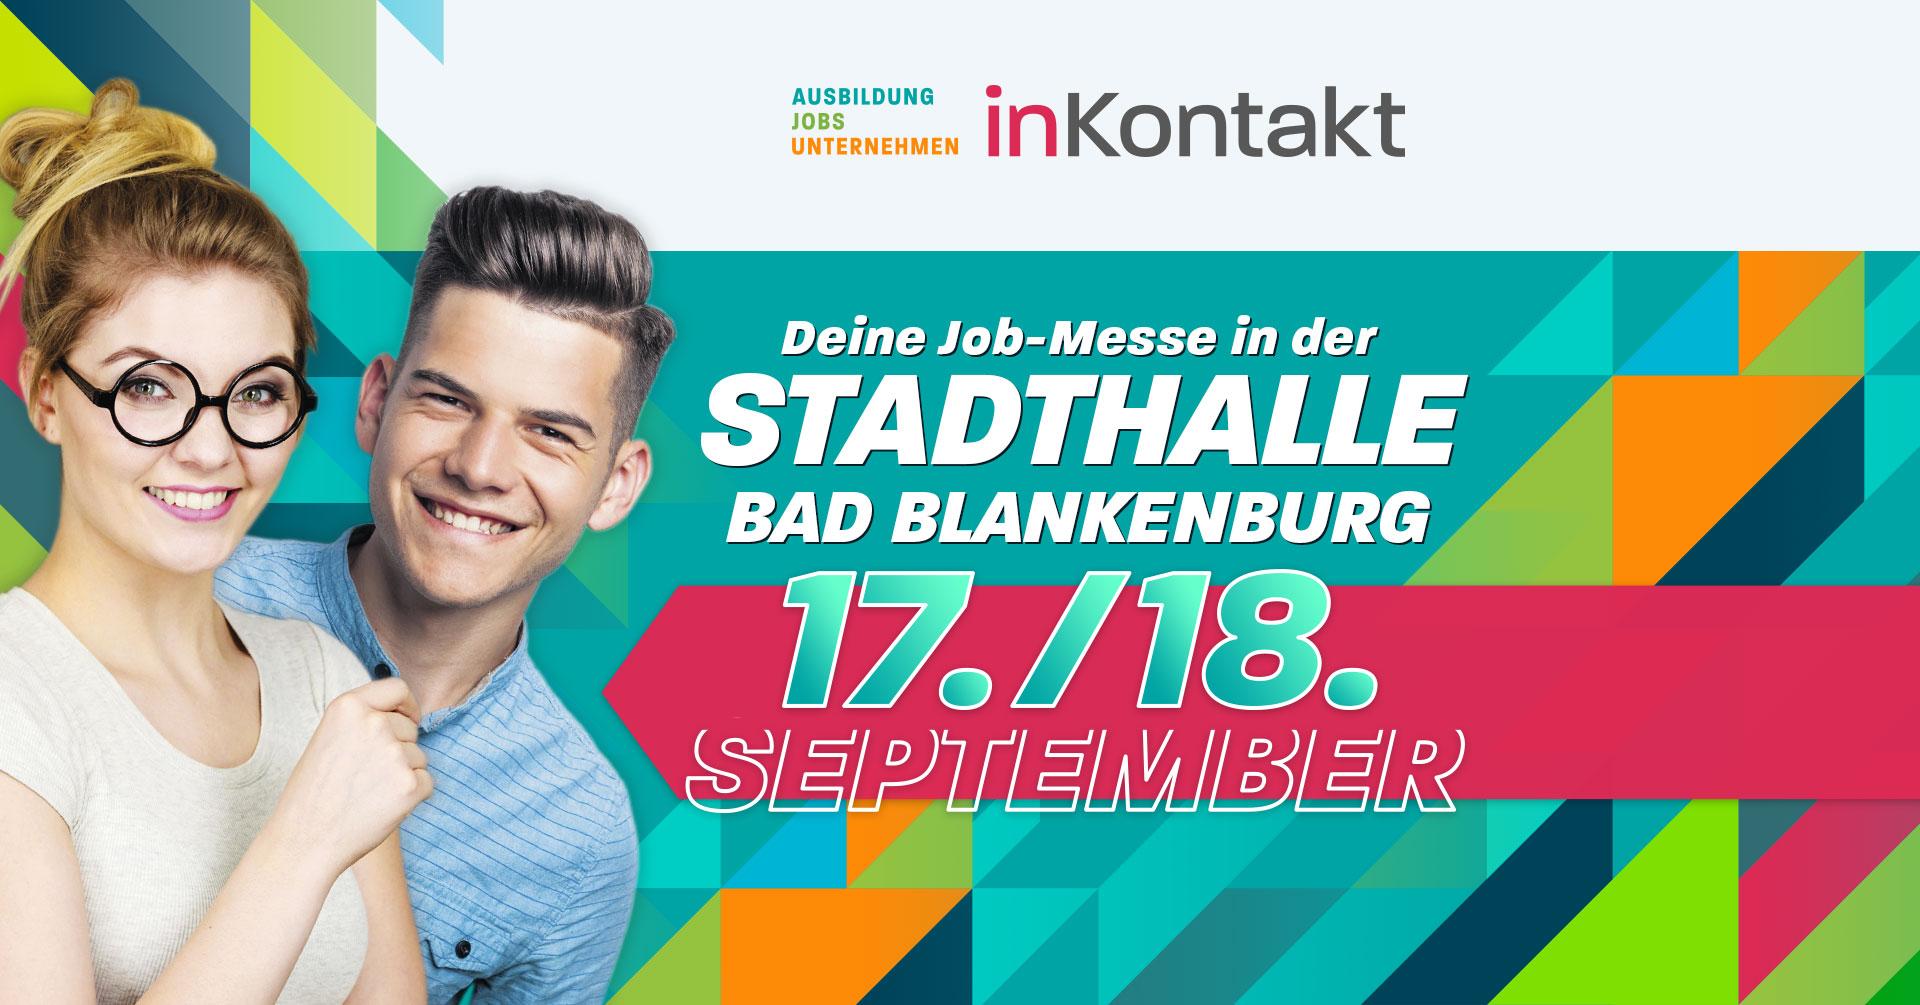 inKontakt 2021 - Deine Job-Messe in der STADTHALLE BAD BLANKENBURG